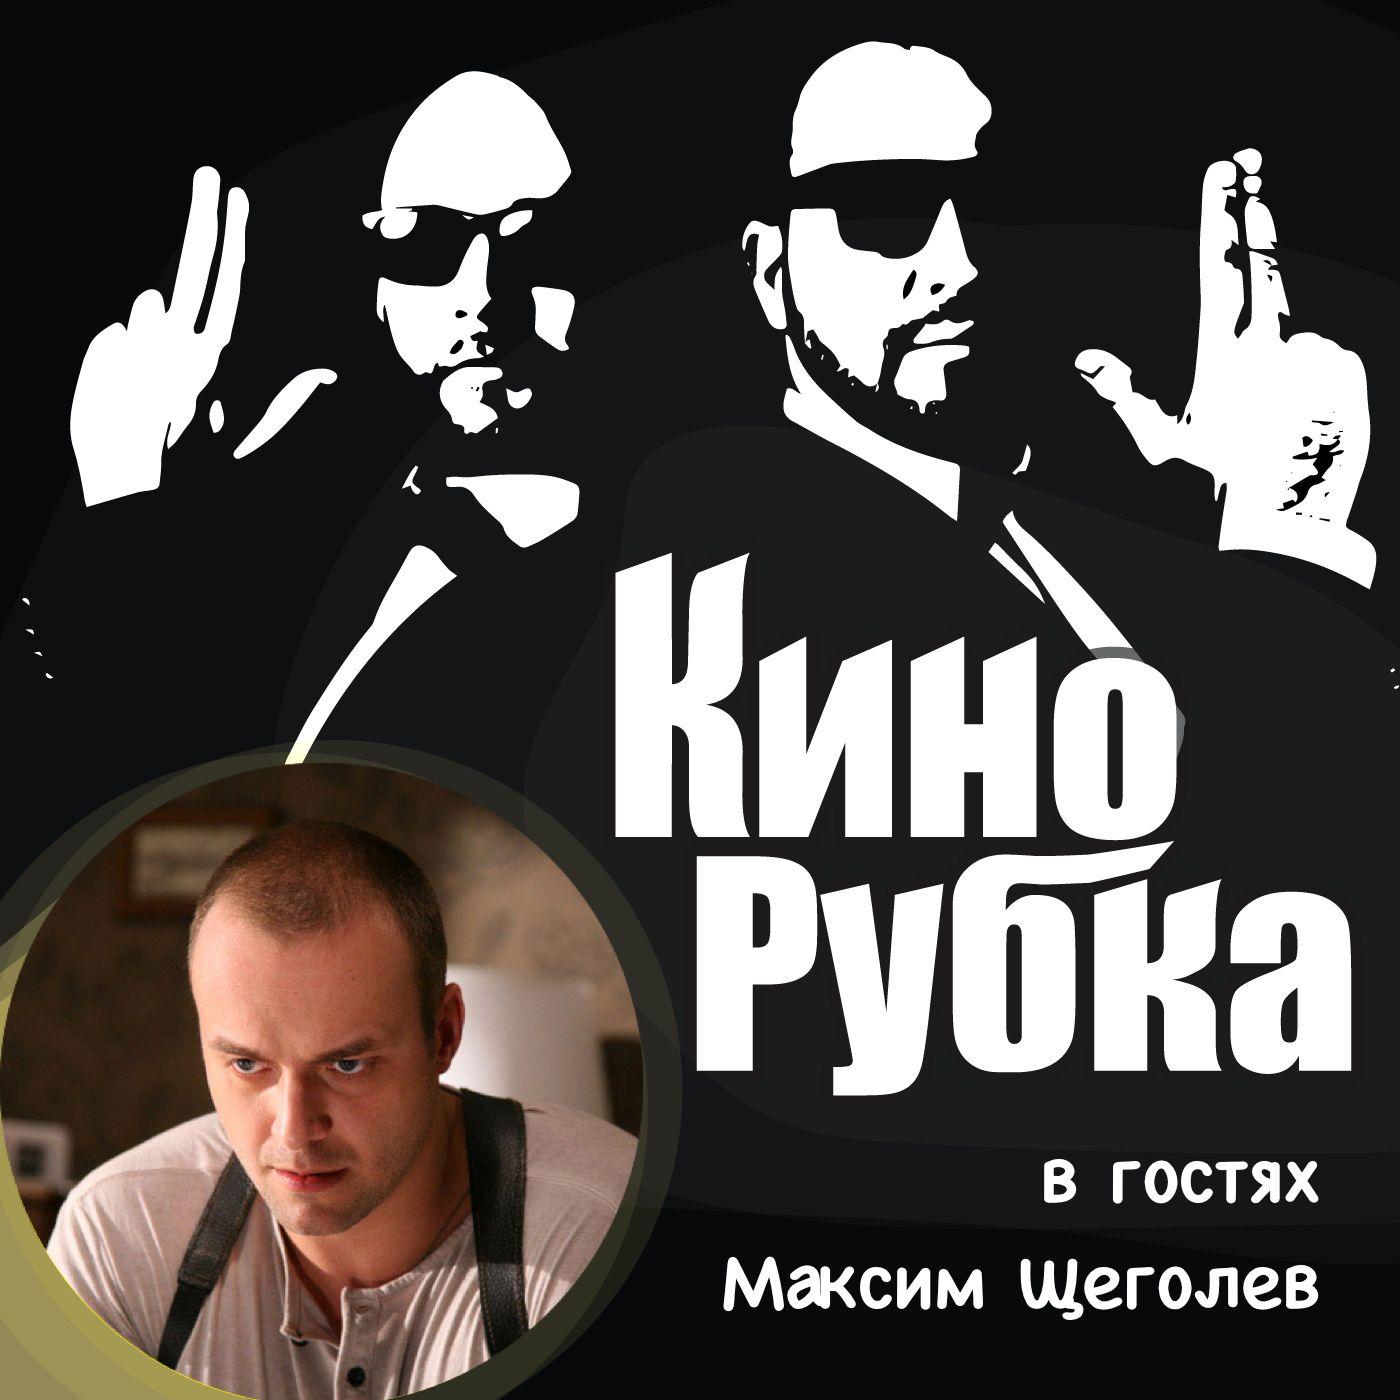 Павел Дикан Актер театра и кино Максим Щеголев павел дикан актер театра и кино николай цонку